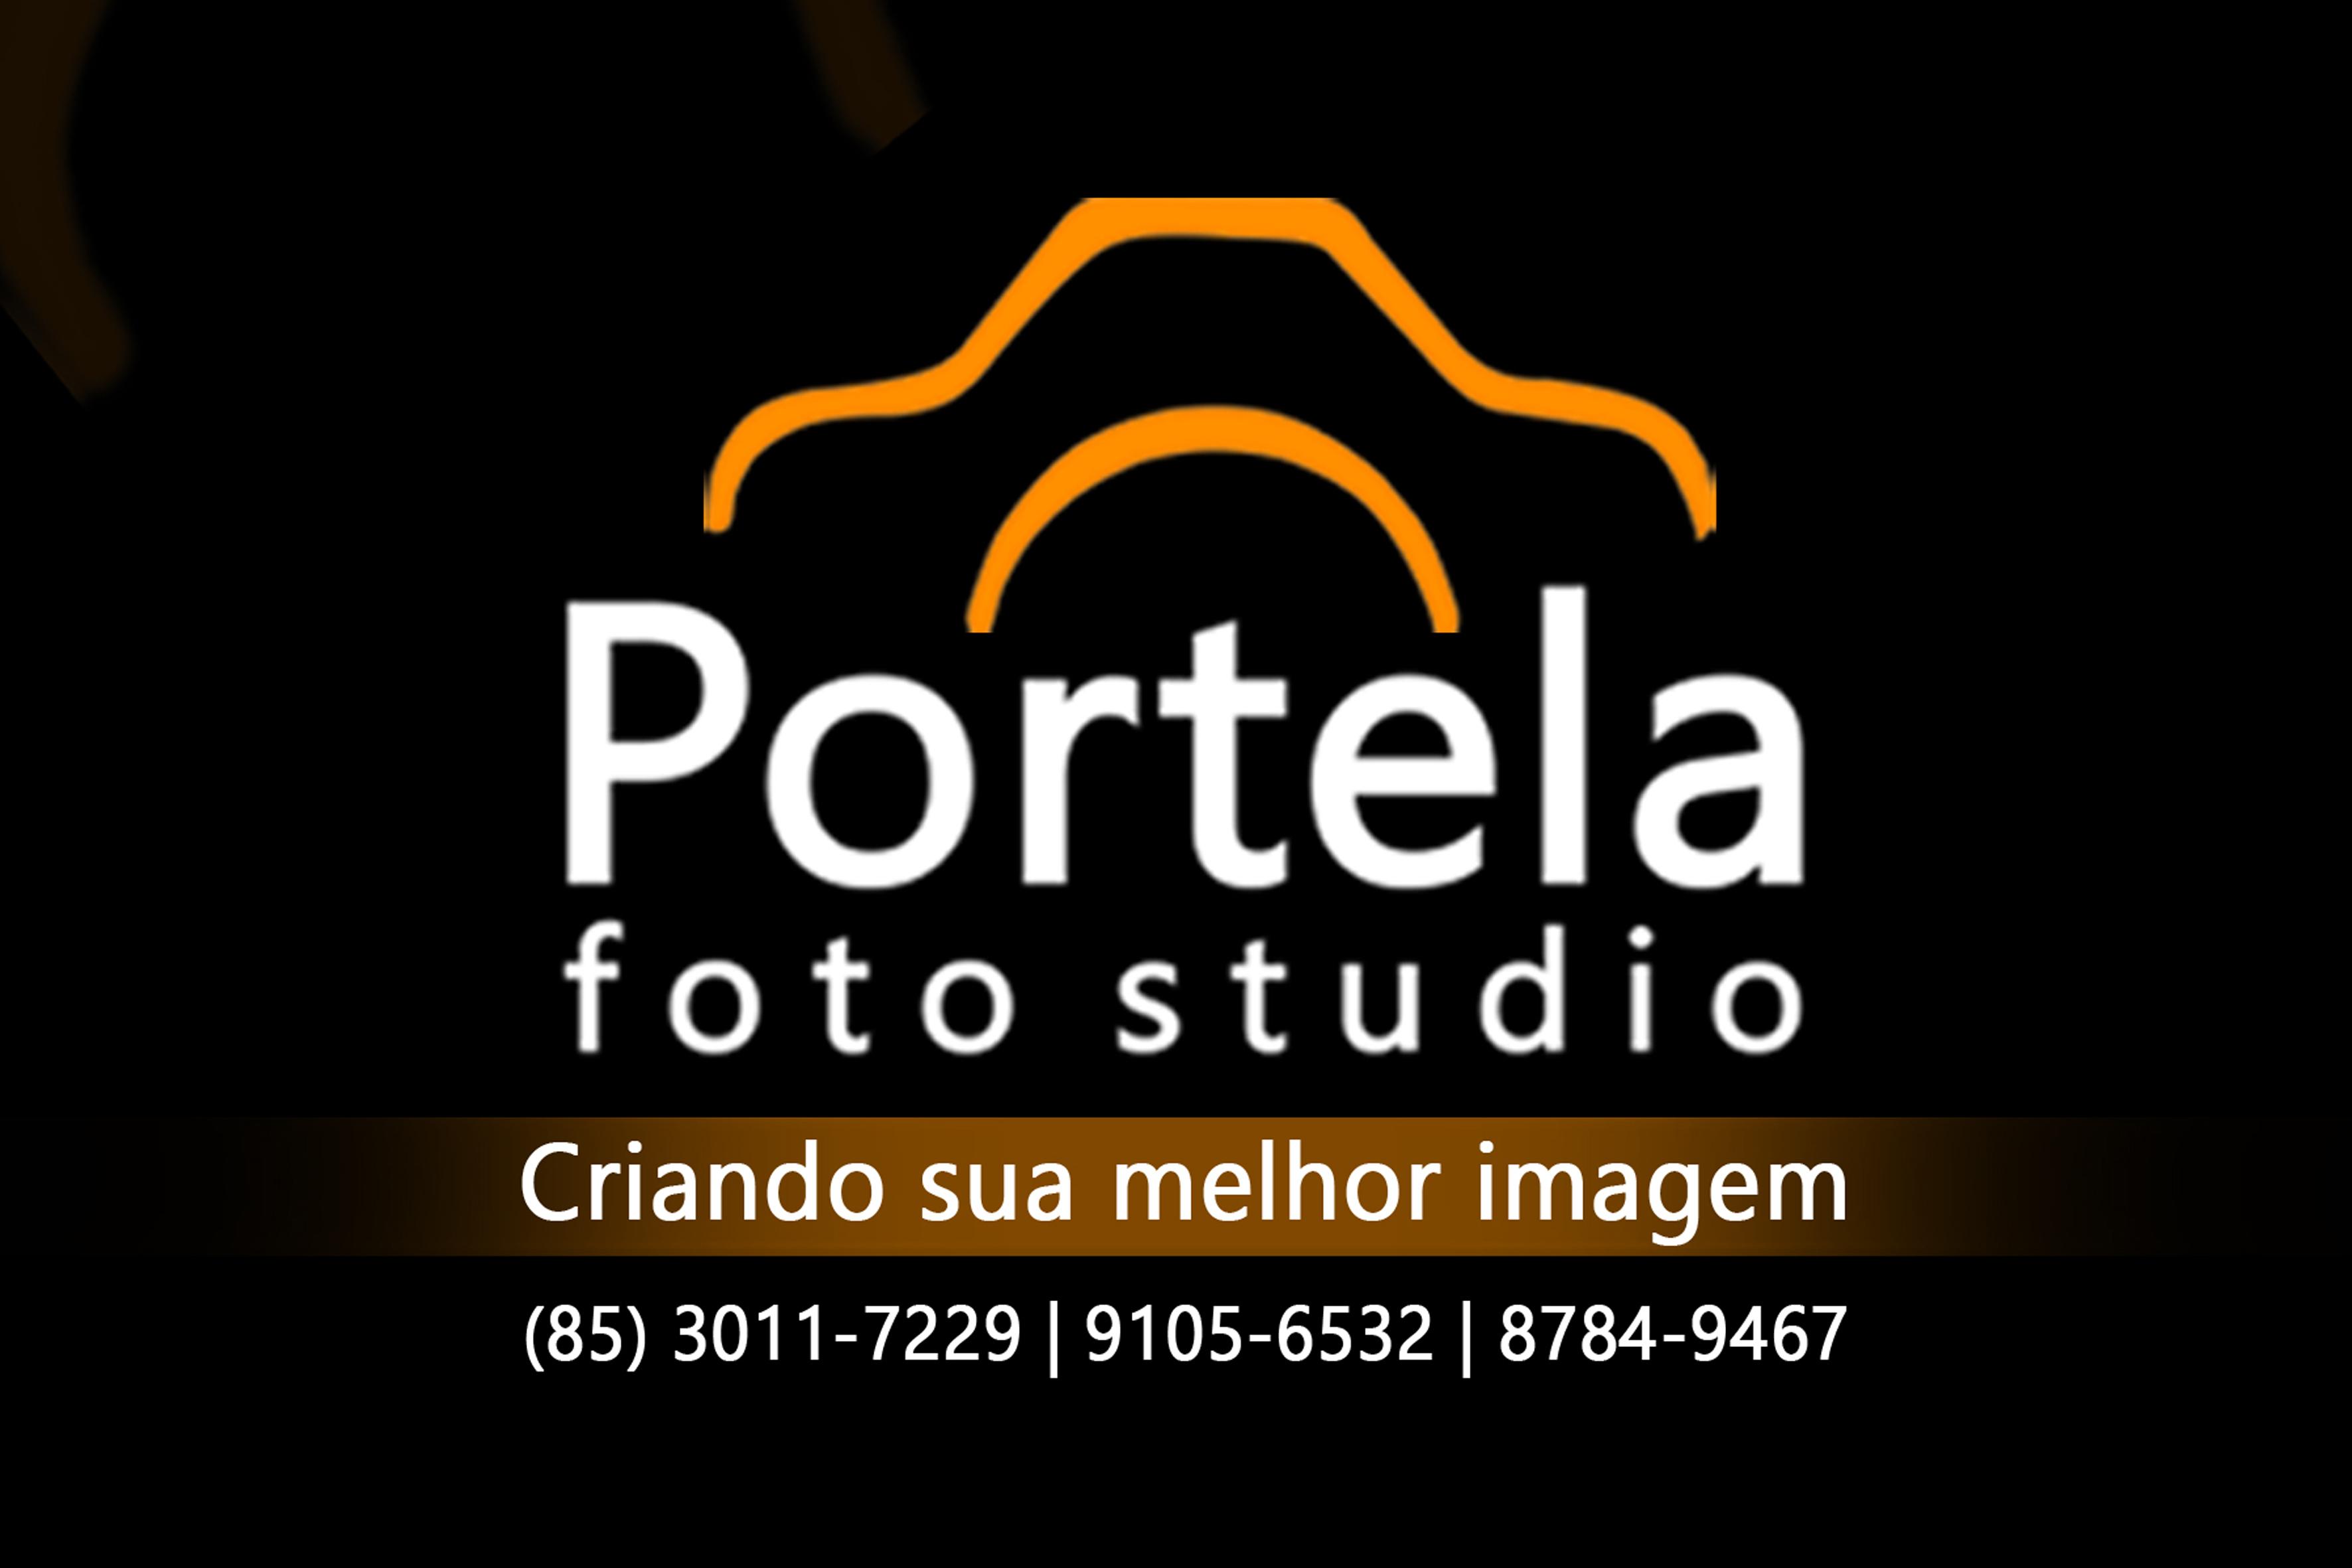 PORTELA FOTO STUDIO